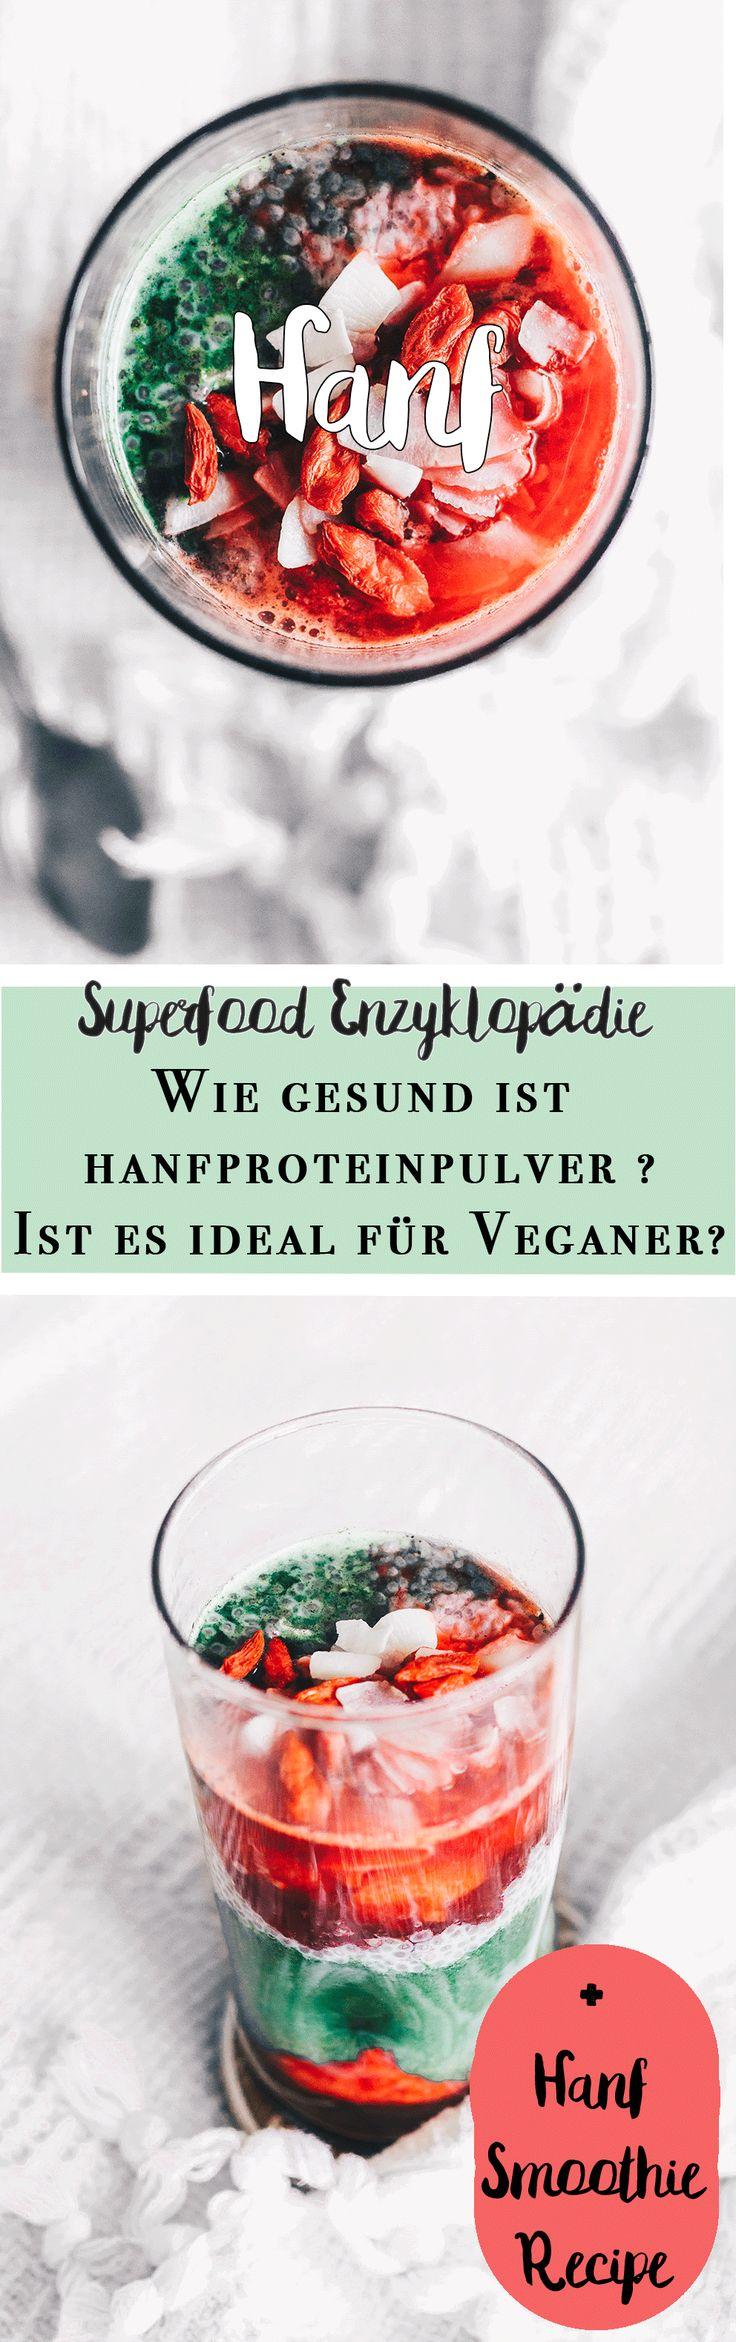 Superfood Enzyklopädie / H wie Hanf auf VANILLAHOLICA.com . In der Superfood Enzyklopädie erfährt man alles über bekannte Hausmittel, aber auch die trendigen Foods von heute. Früchte und Gemüse, das mehr drauf hat, als wir glauben. Vitaminschub, Mineralstoffe, Immunsystem Stärker; egal ob gegen Erkältung, Husten, leichte Grippe, die Natur bringt die beste Medizin hervor und hier erfährst du wie.